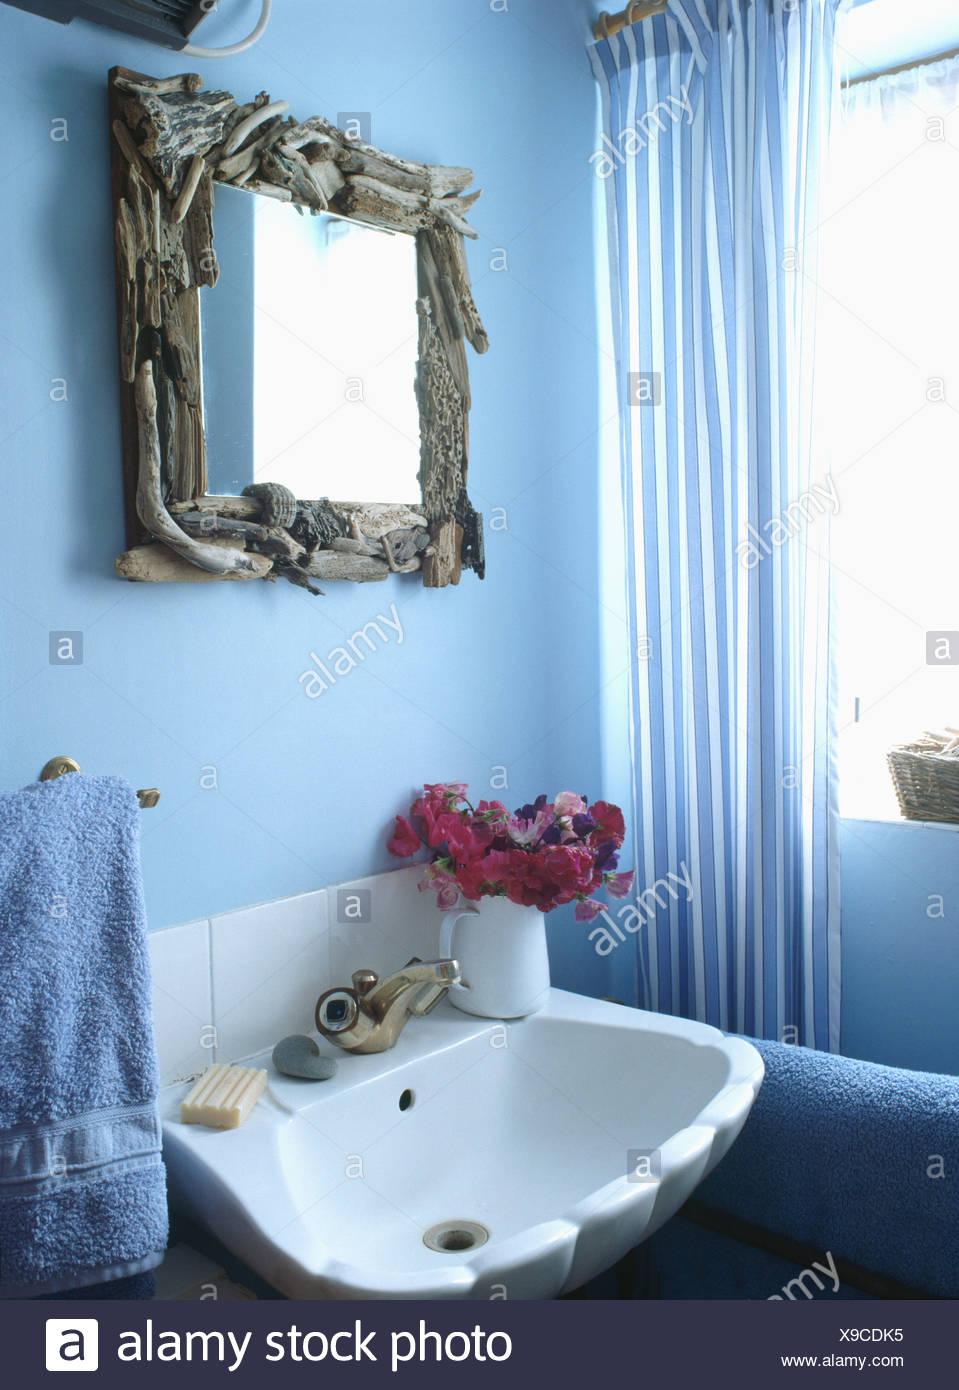 Miroir bois flotté au-dessus du bassin blanc salle de bains bleu ...